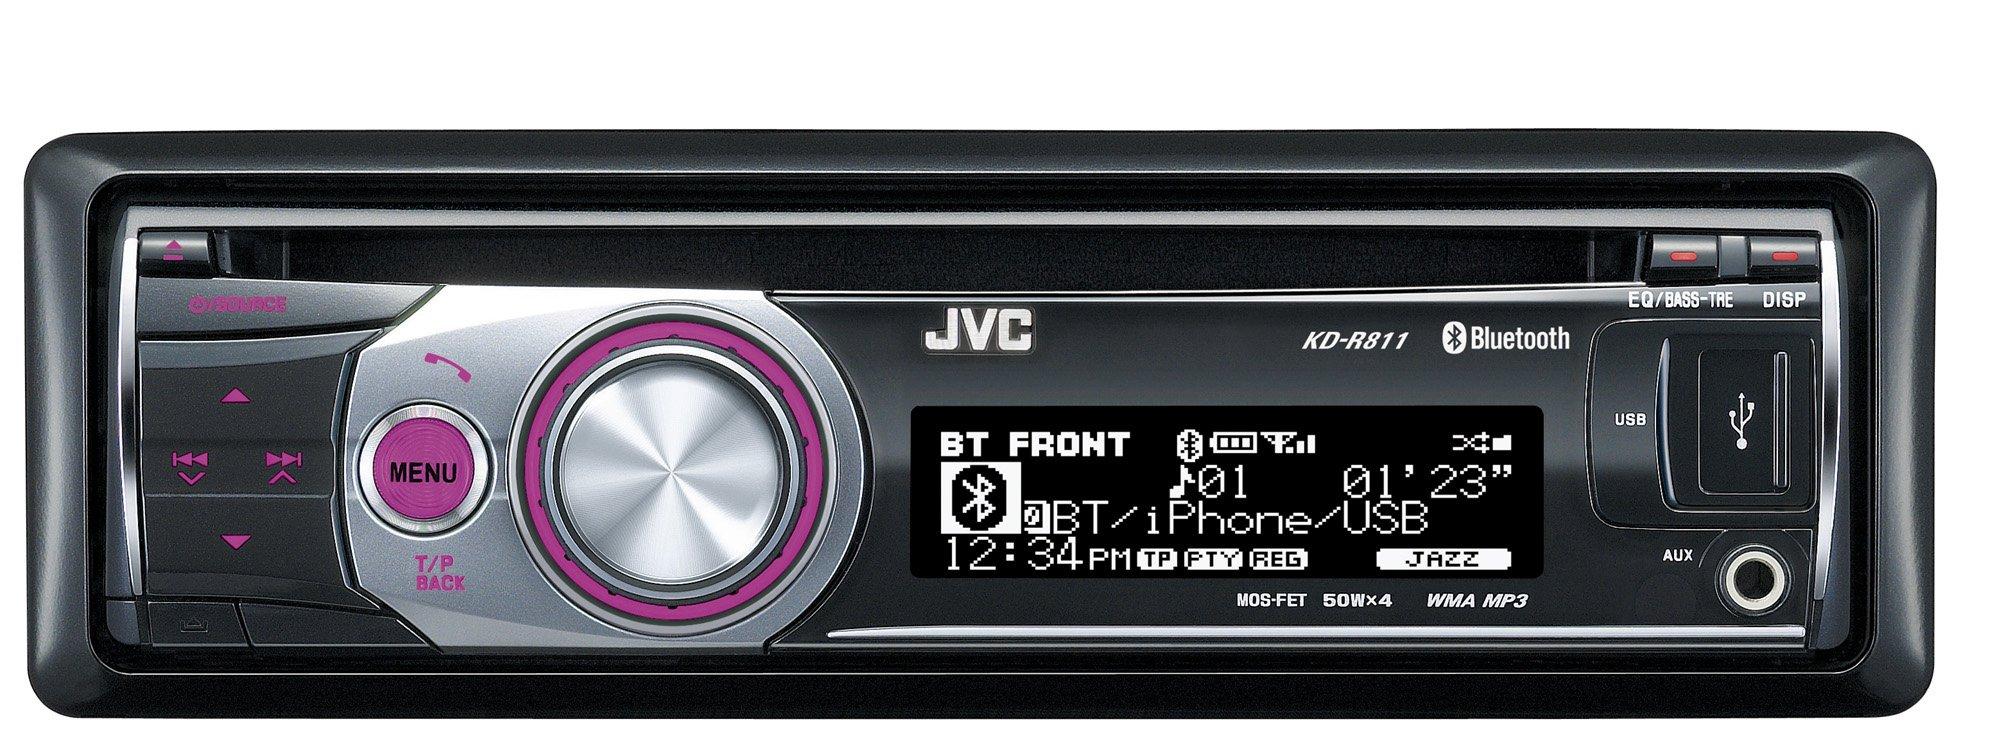 jvc модель kd g647 схема